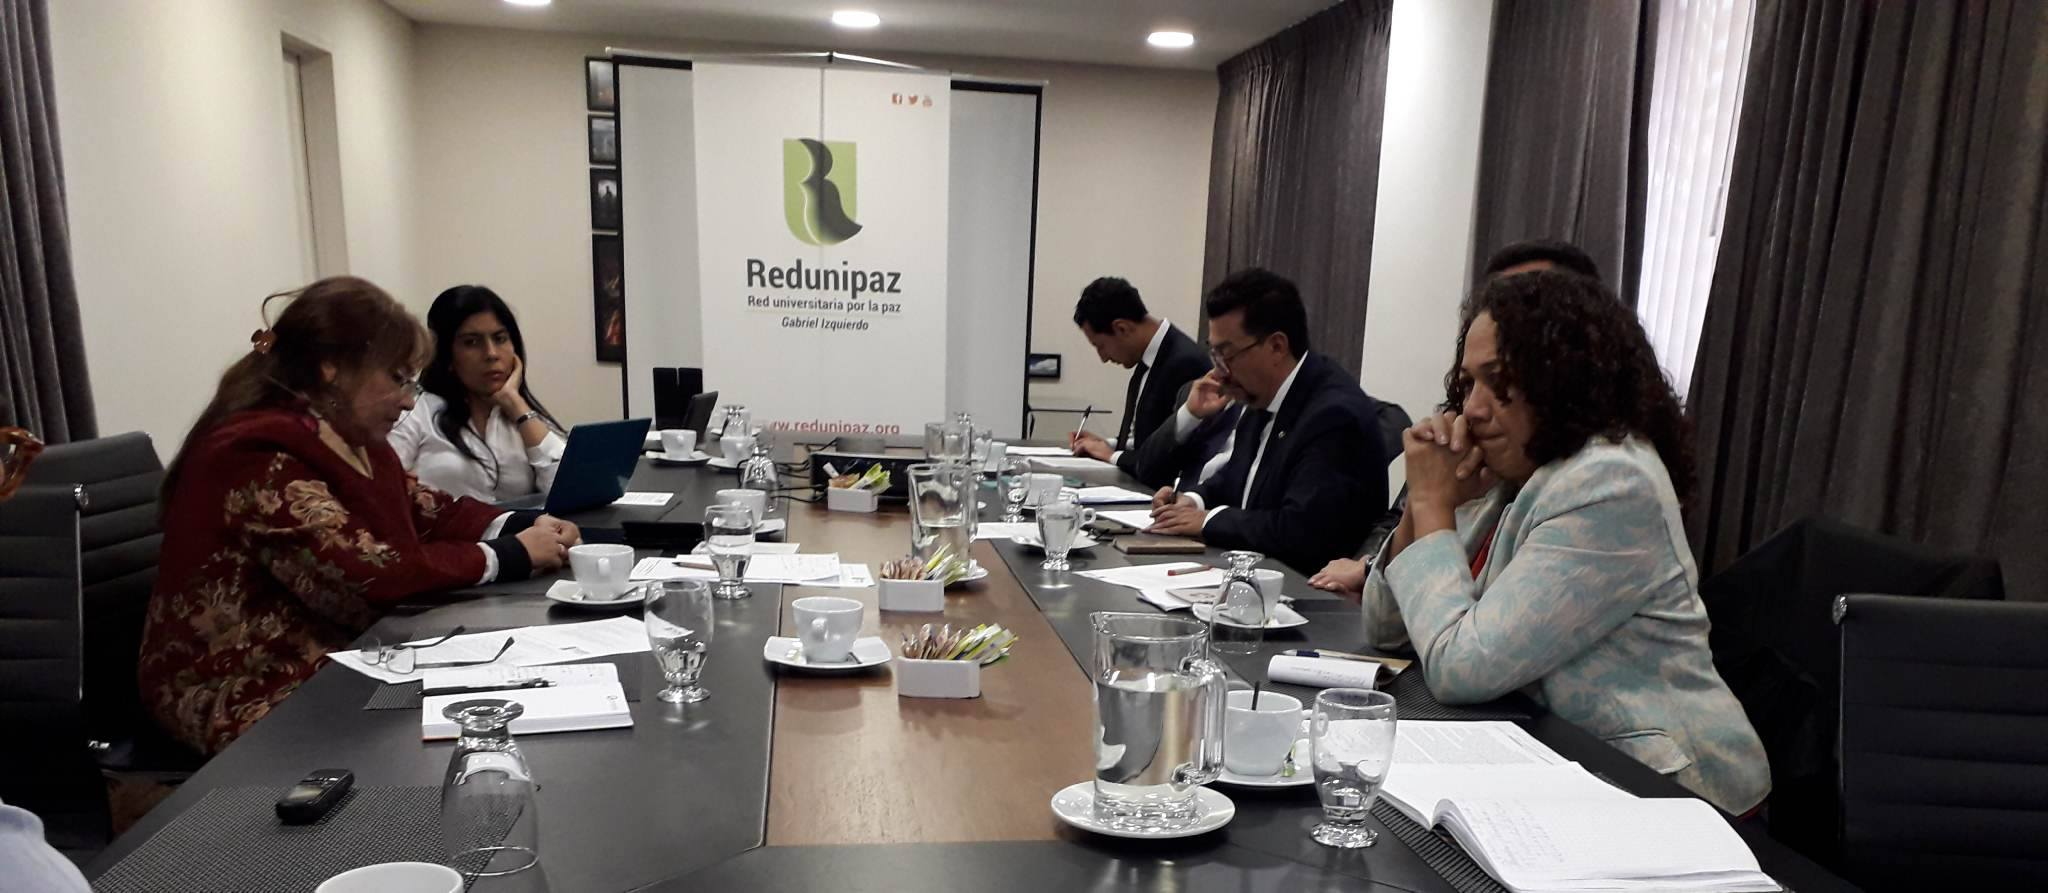 Planeación Nodos Redunipaz - Marzo 2019